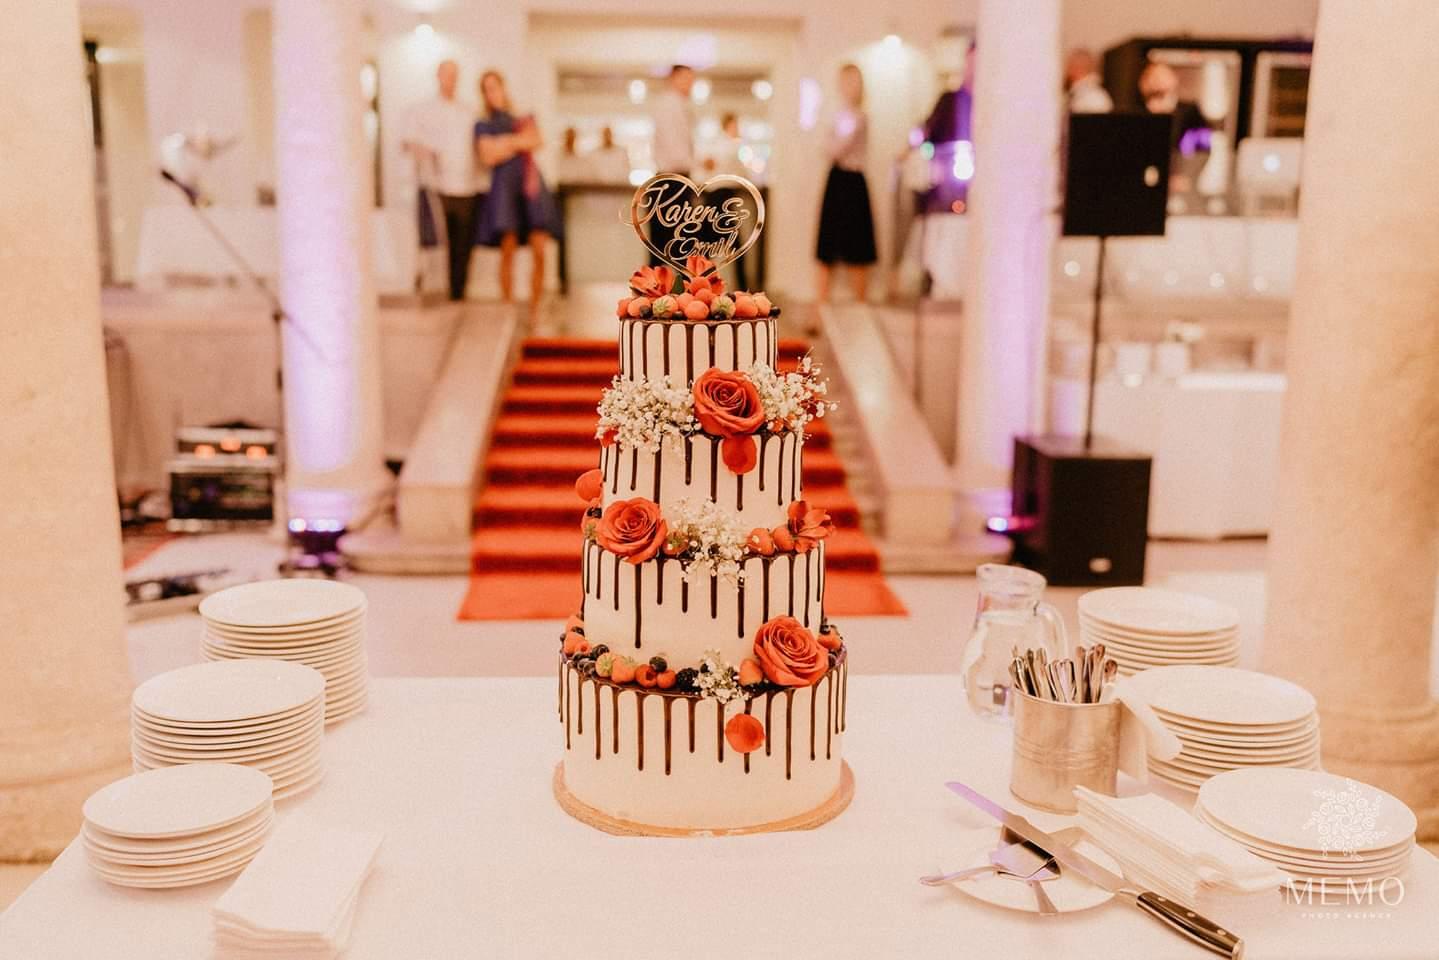 Svadobná torta. Štvorposchodová biela s čokoládou ozdobená oranžovými kvetmi.